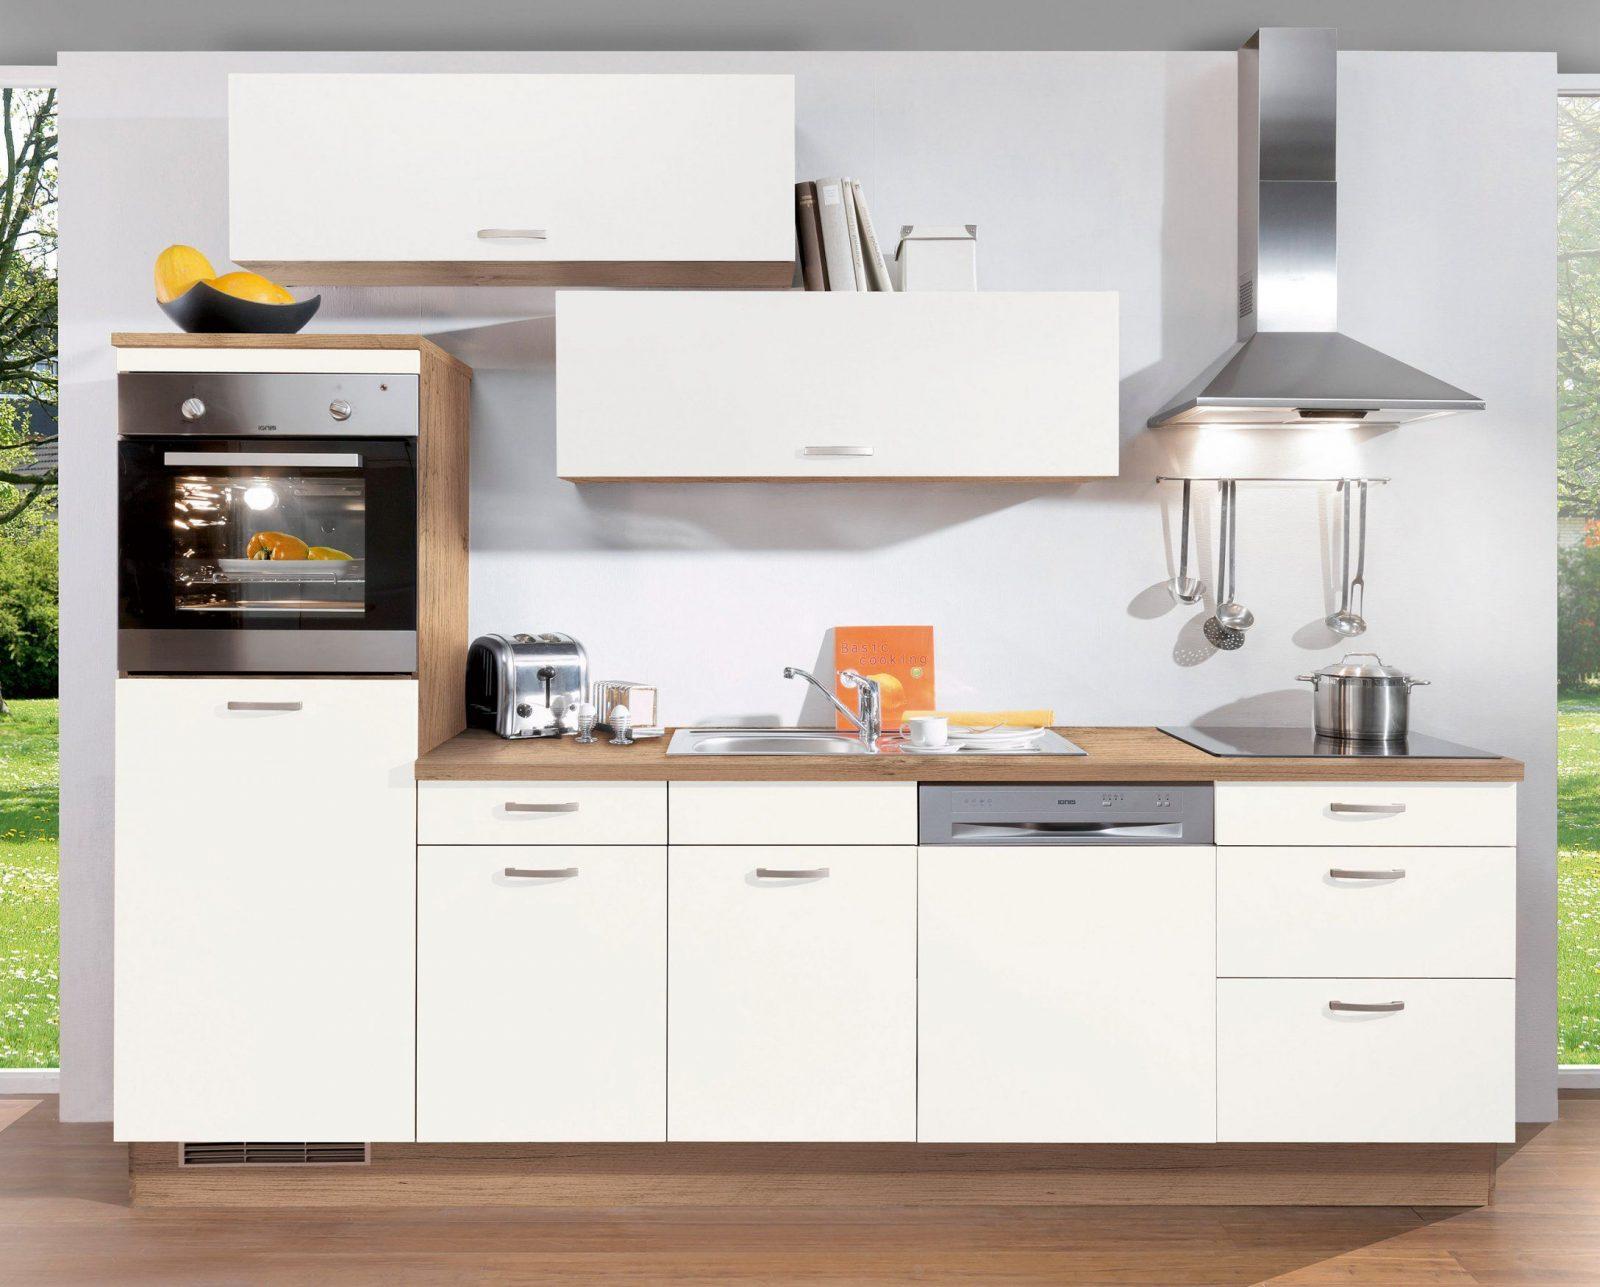 Küchenzeile 280 Cm Mit Elektrogeräten Günstig | Haus Design Ideen